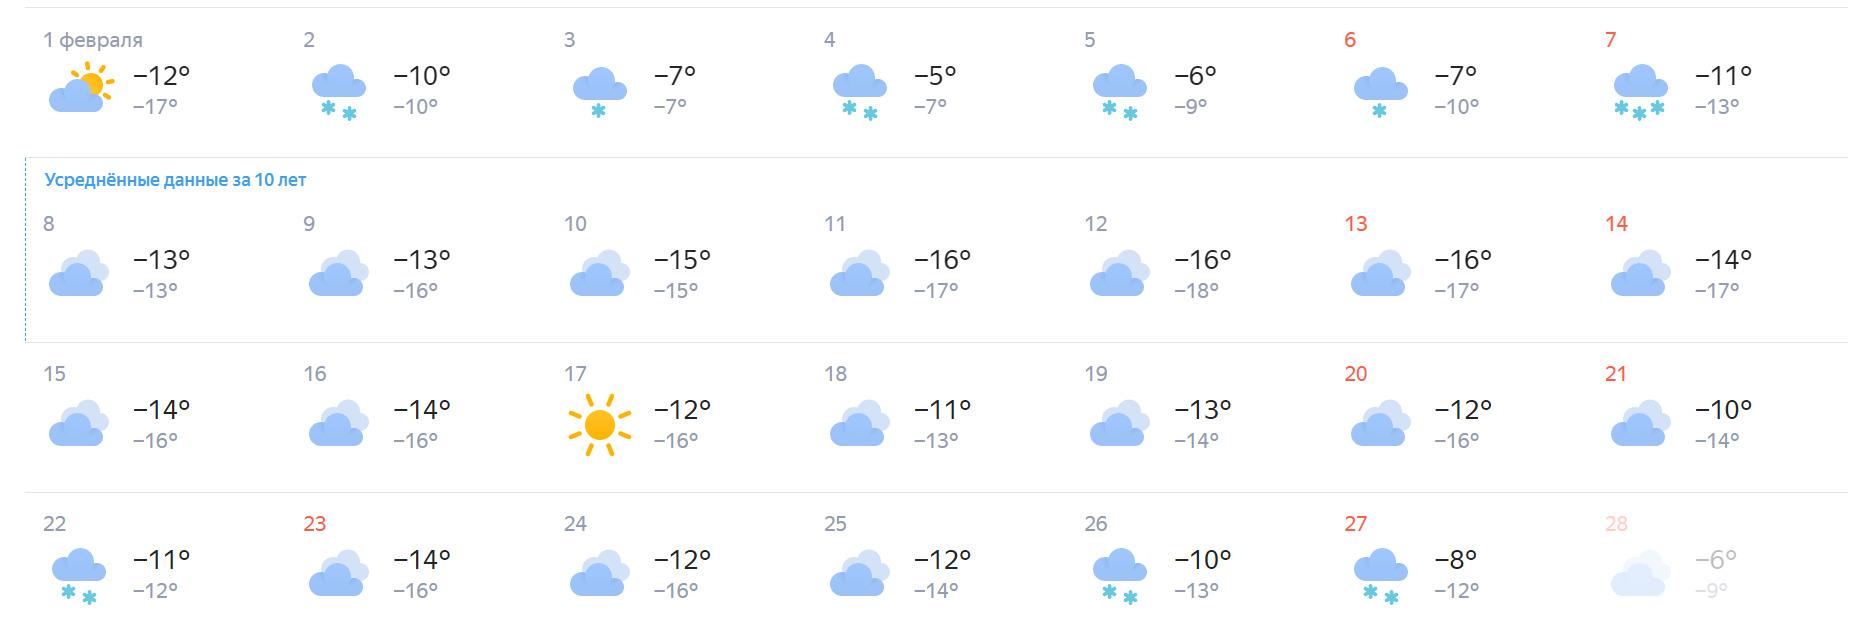 По прогнозам сервиса «Яндекс. Погода», единственный солнечный день будет 17 февраля